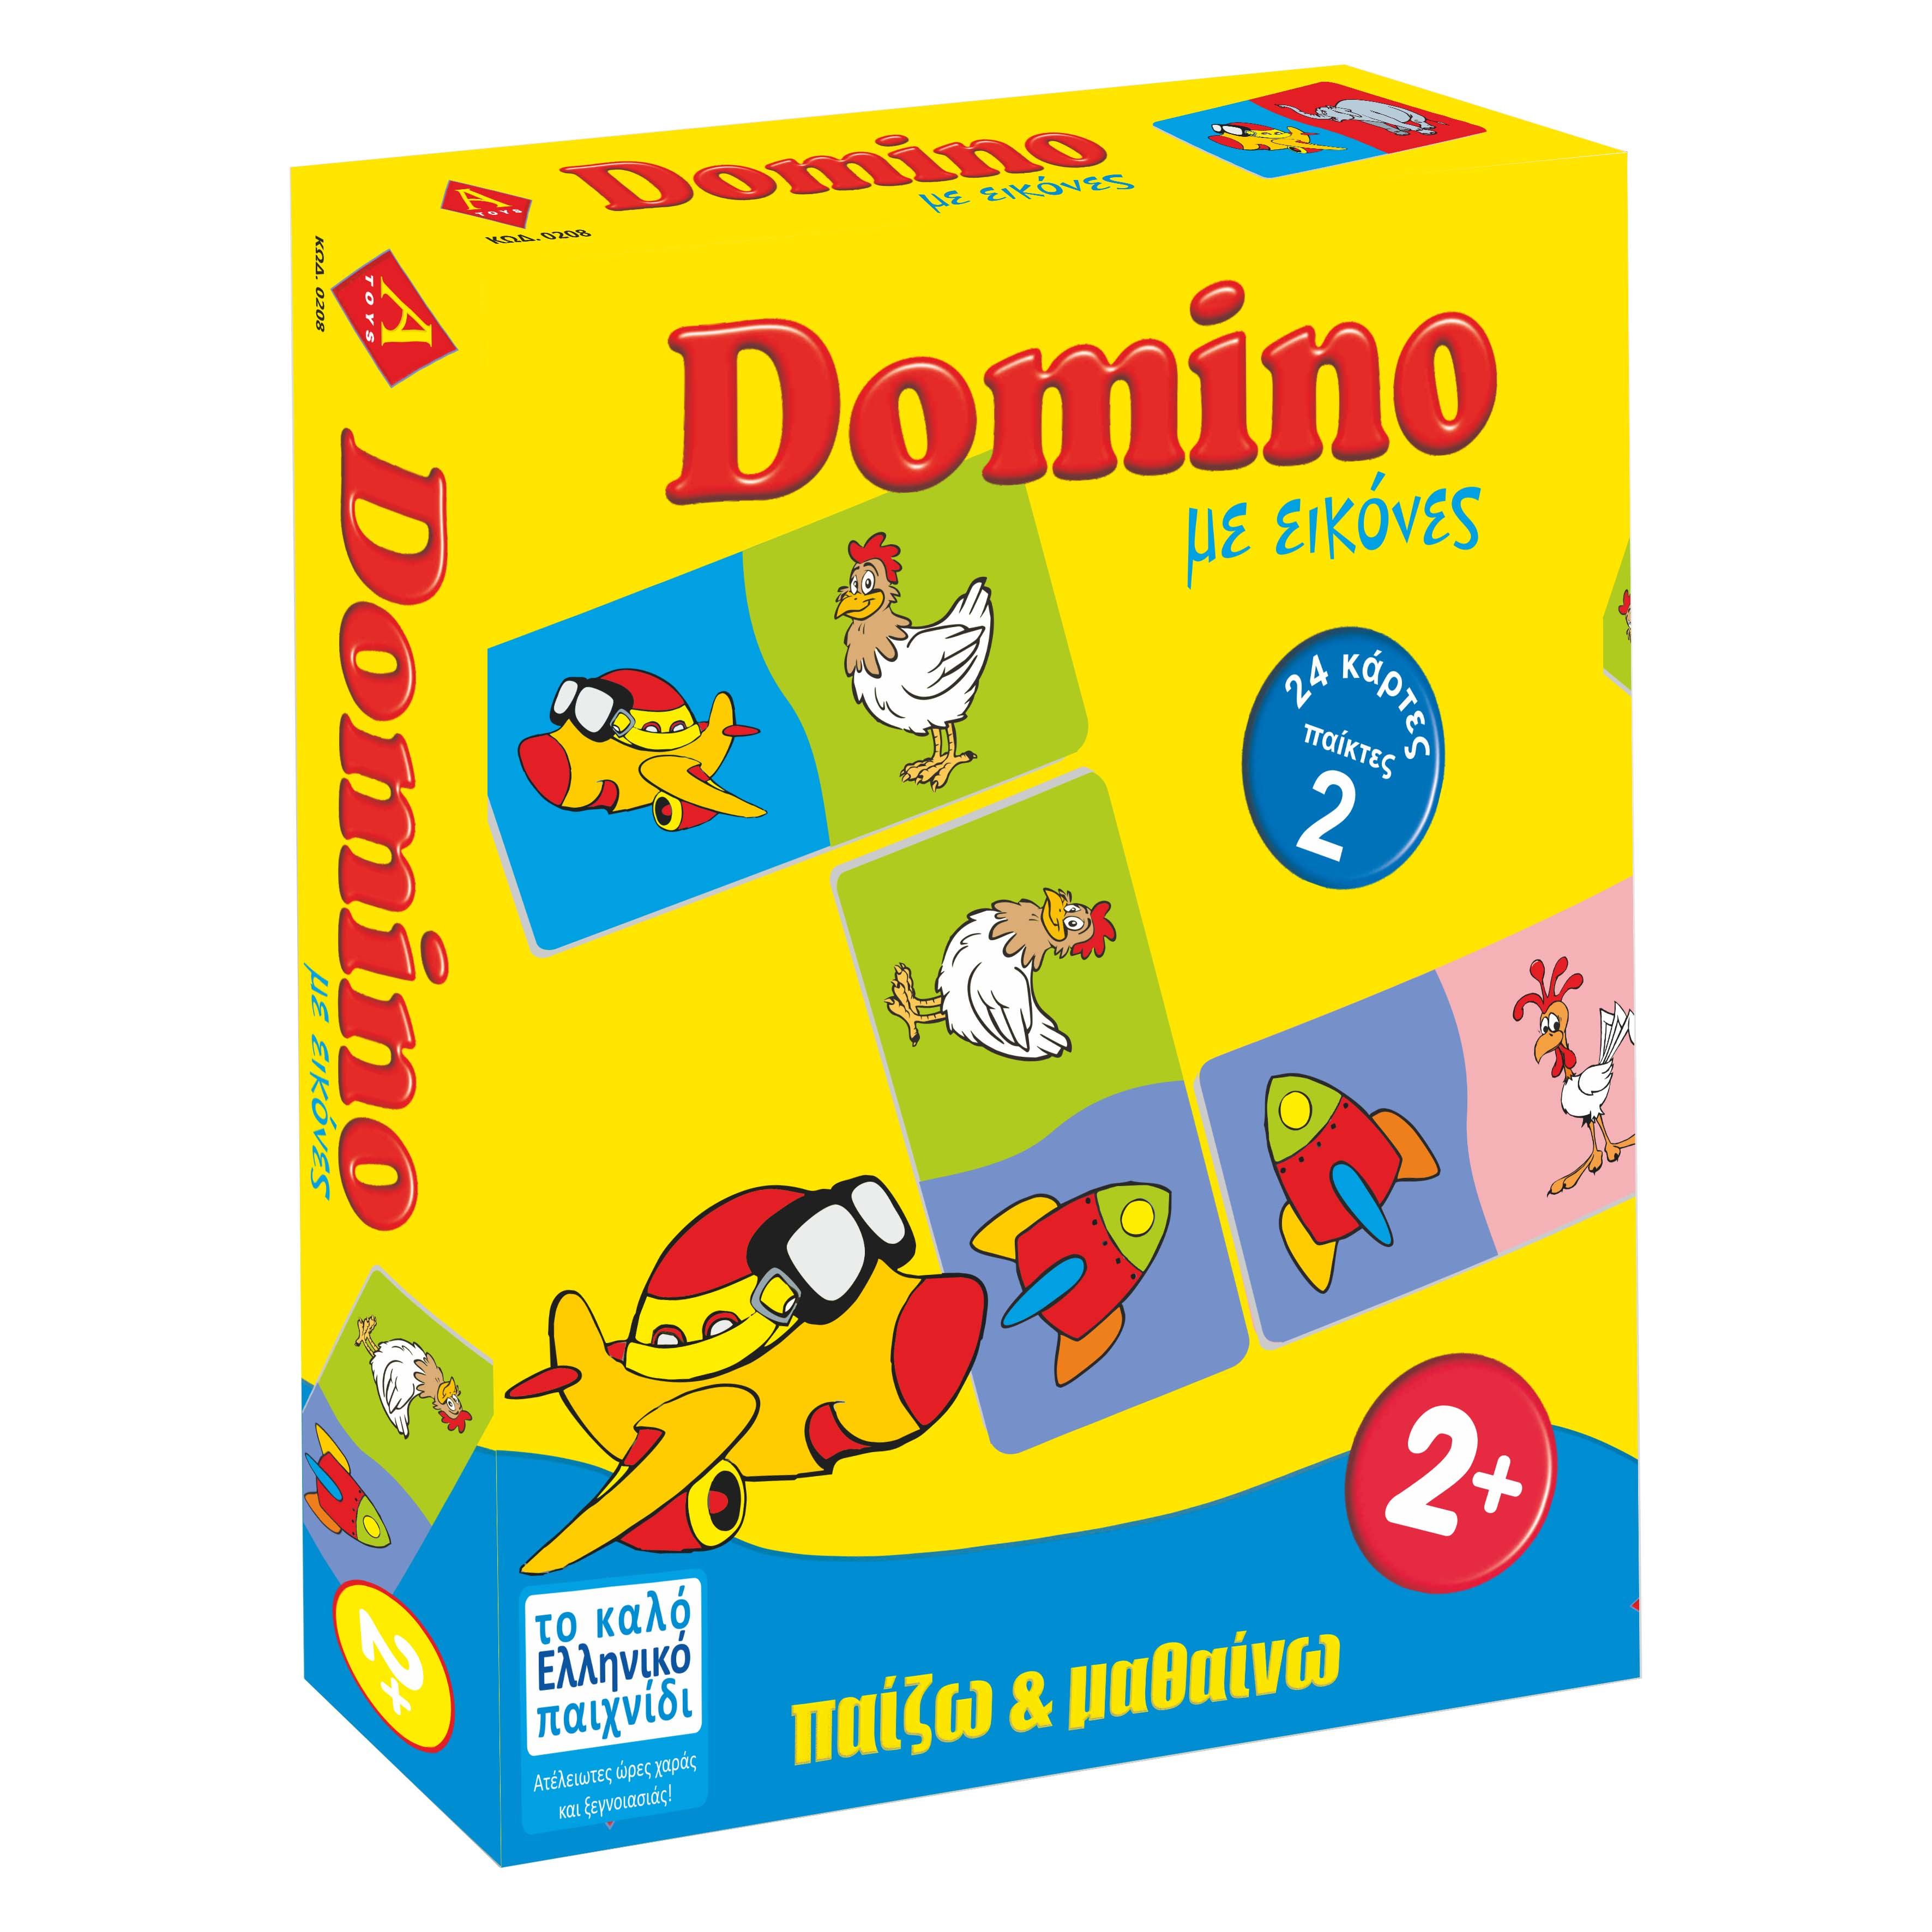 ΚΩΔ: 0208 Domino Διαστάσεις : 24x28x5cm